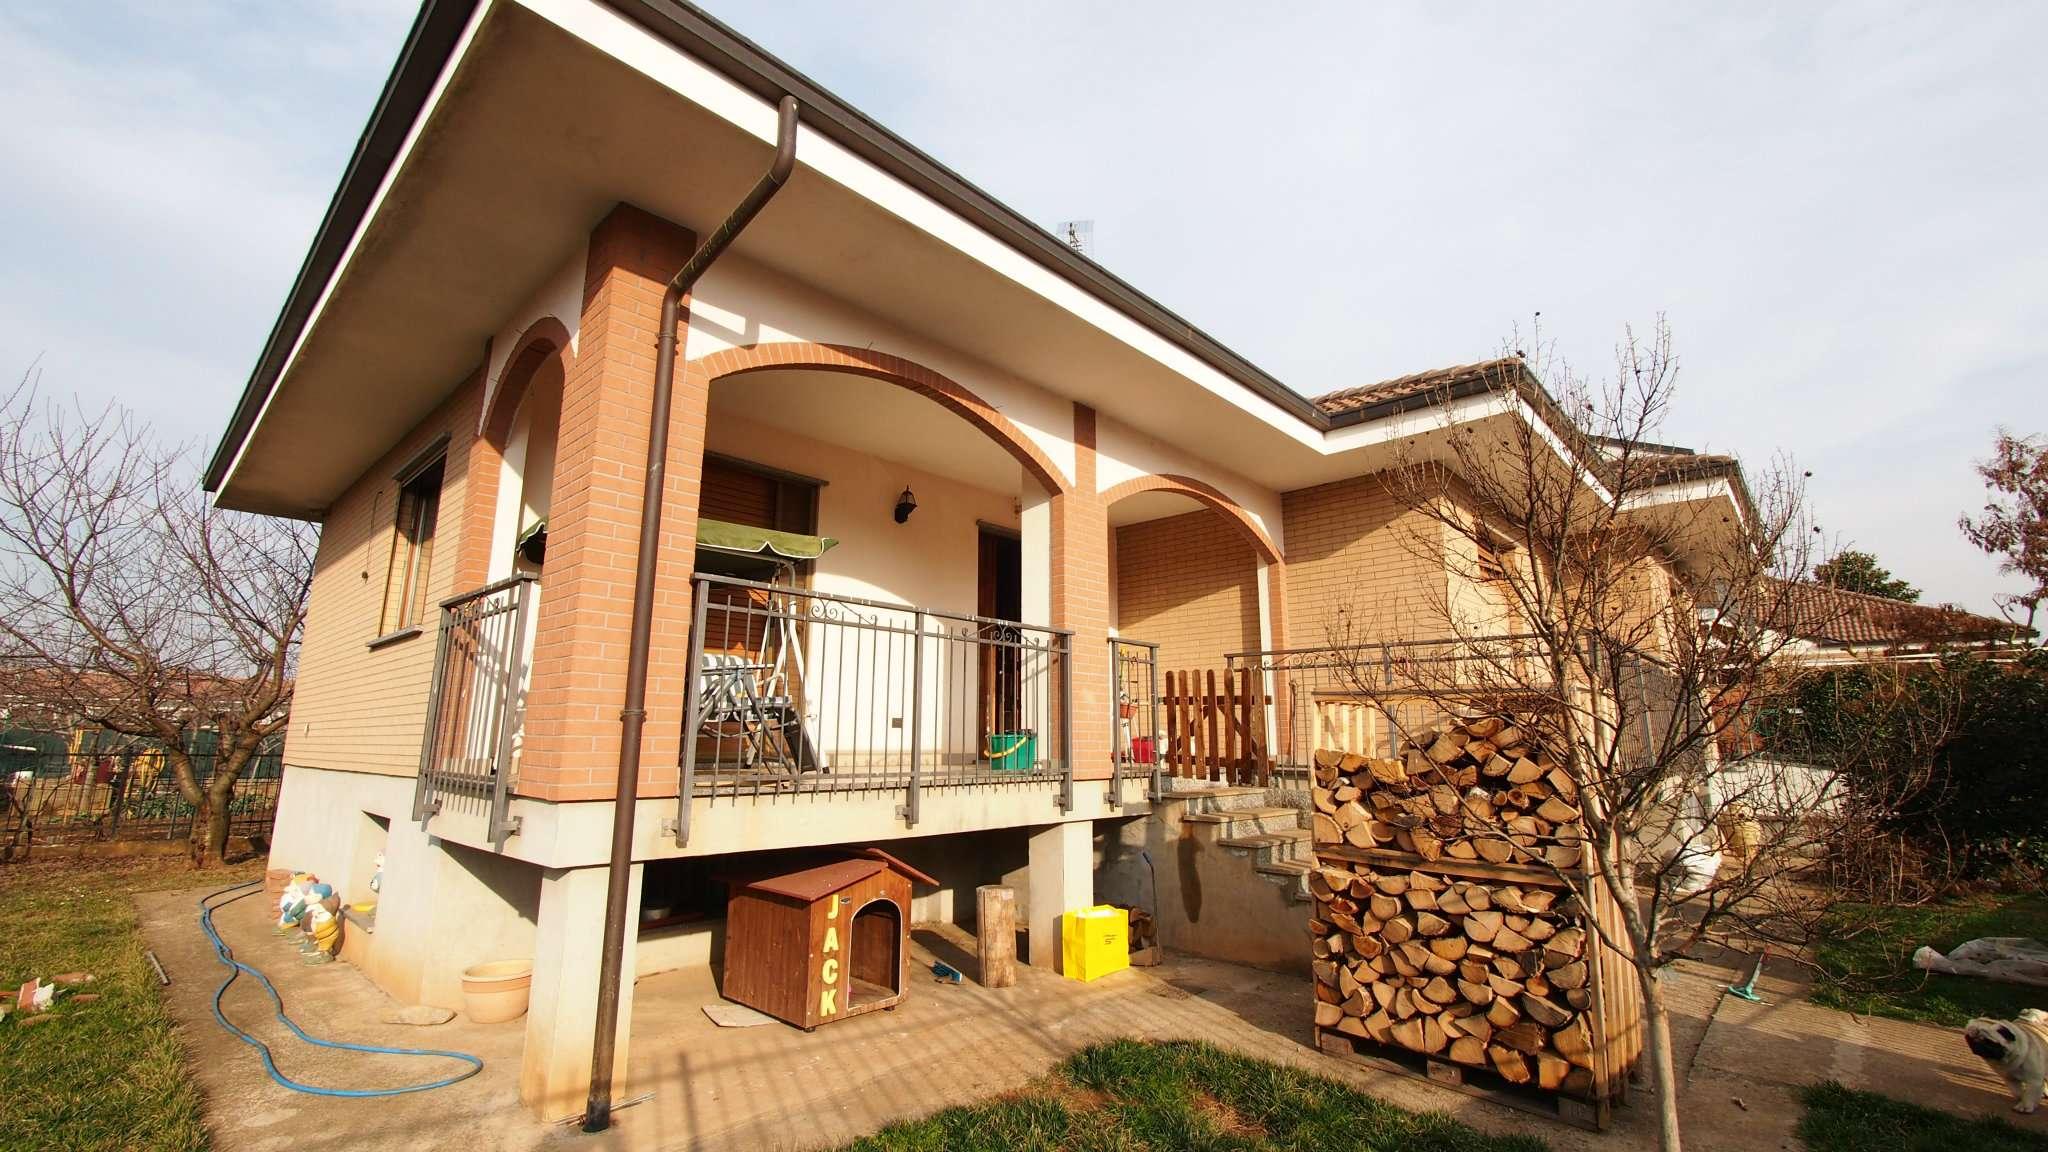 Casa indipendente in Vendita a Volvera: 5 locali, 175 mq